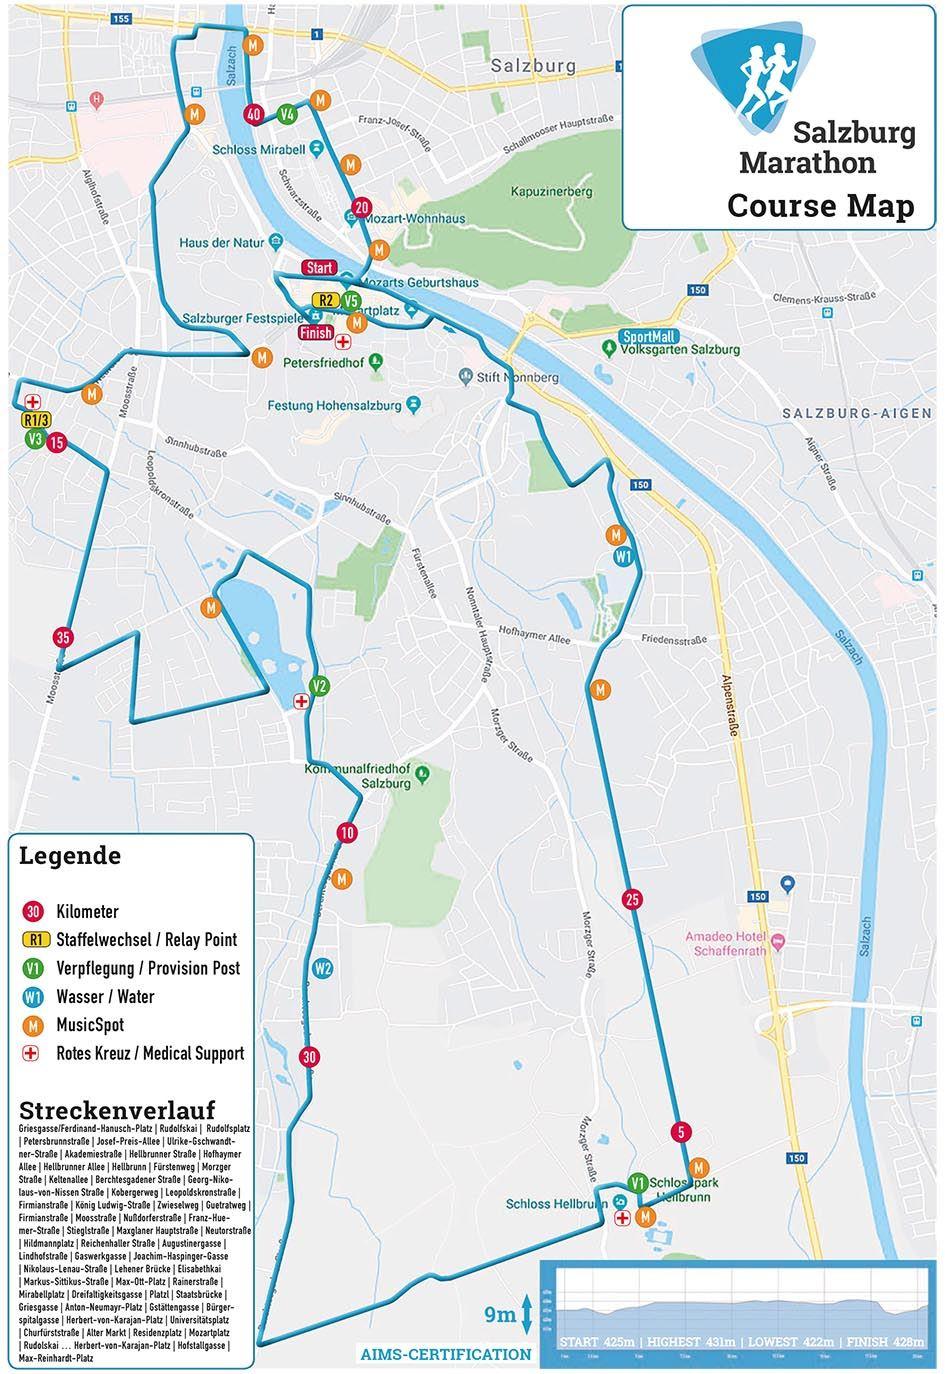 Salzburg Marathon MAPA DEL RECORRIDO DE